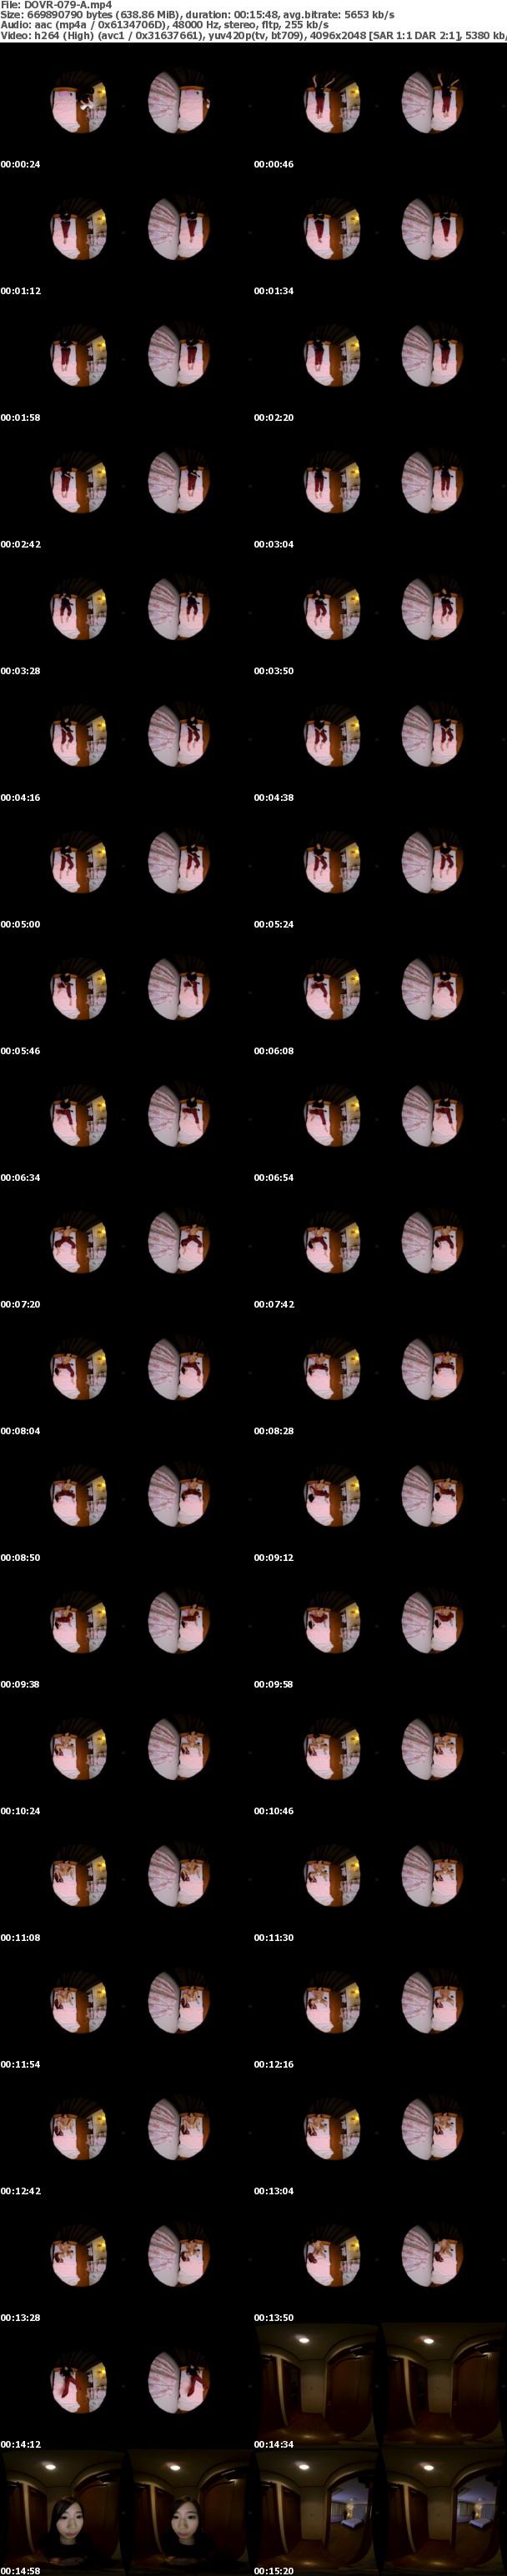 DOVR-079-A-screenshot